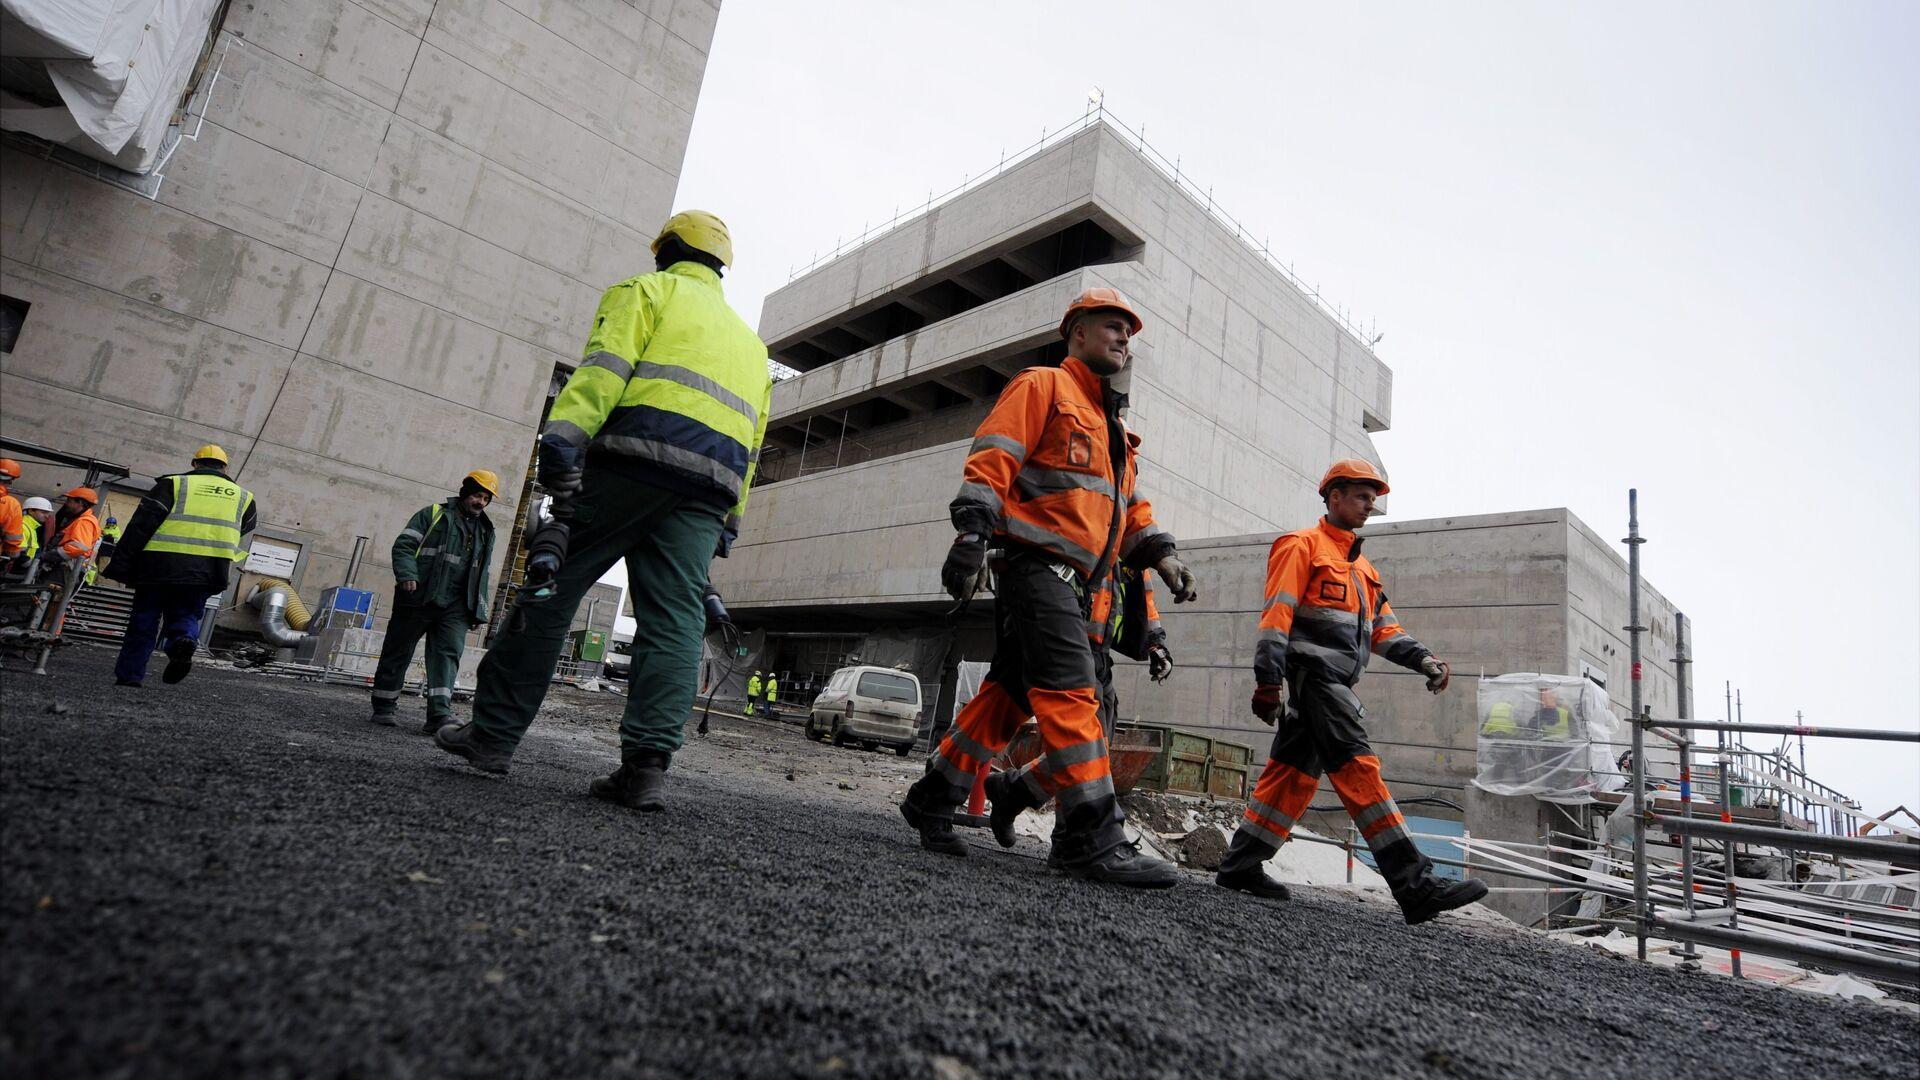 Рабочие на строительной площадке атомной электростанции в Финляндии - РИА Новости, 1920, 10.12.2020